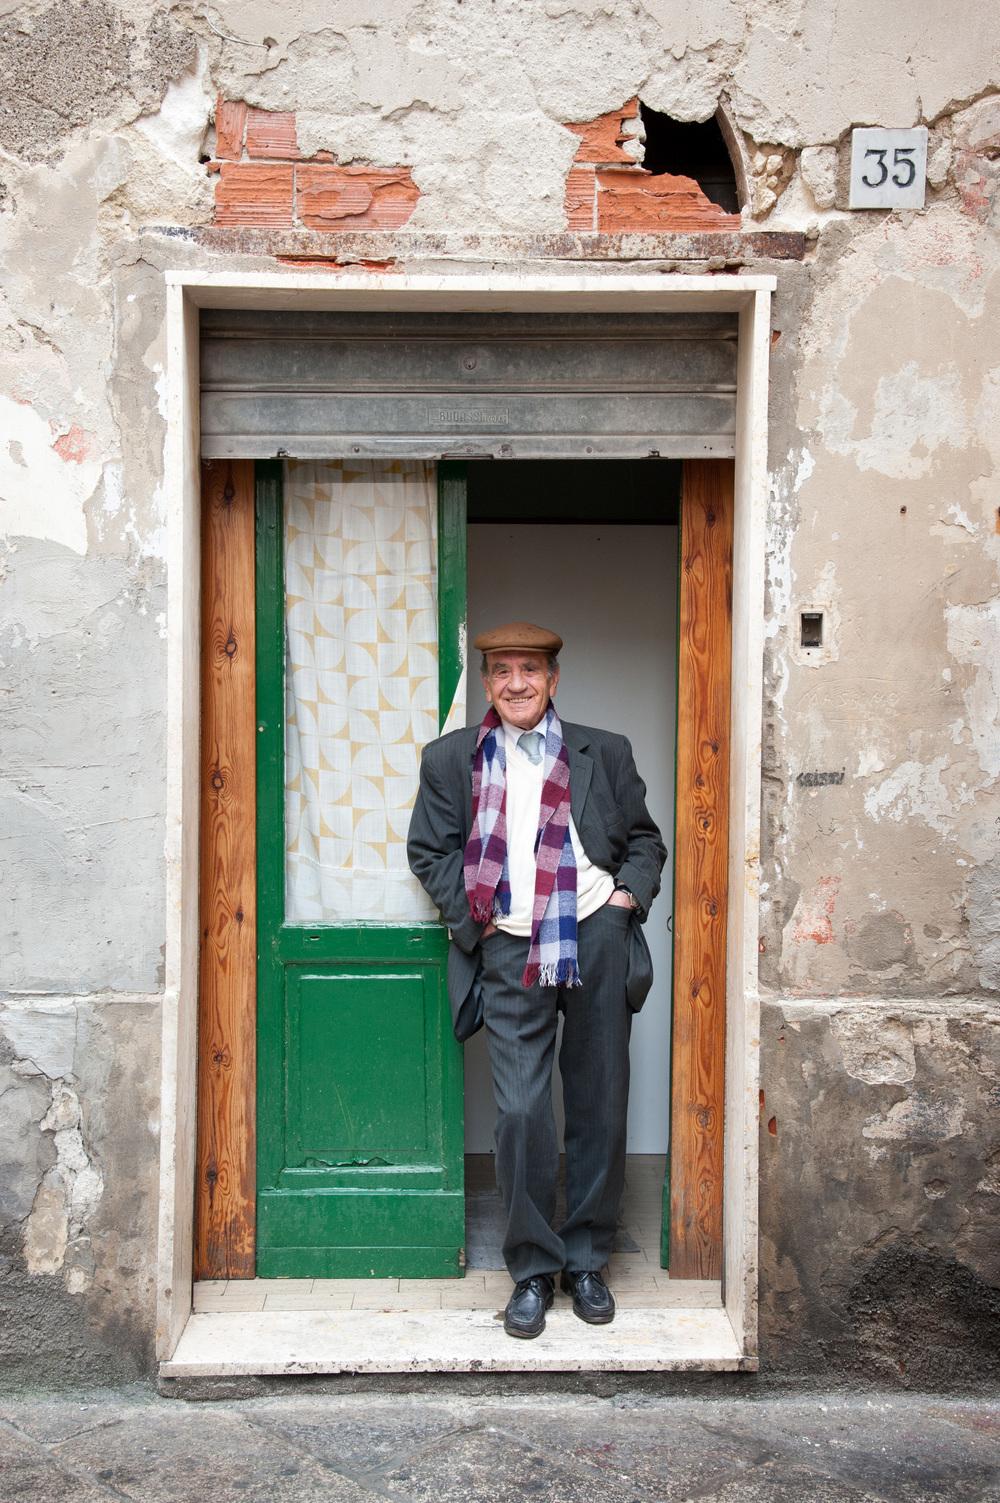 Barber on his shop doorstep, Sassari, Sardinia